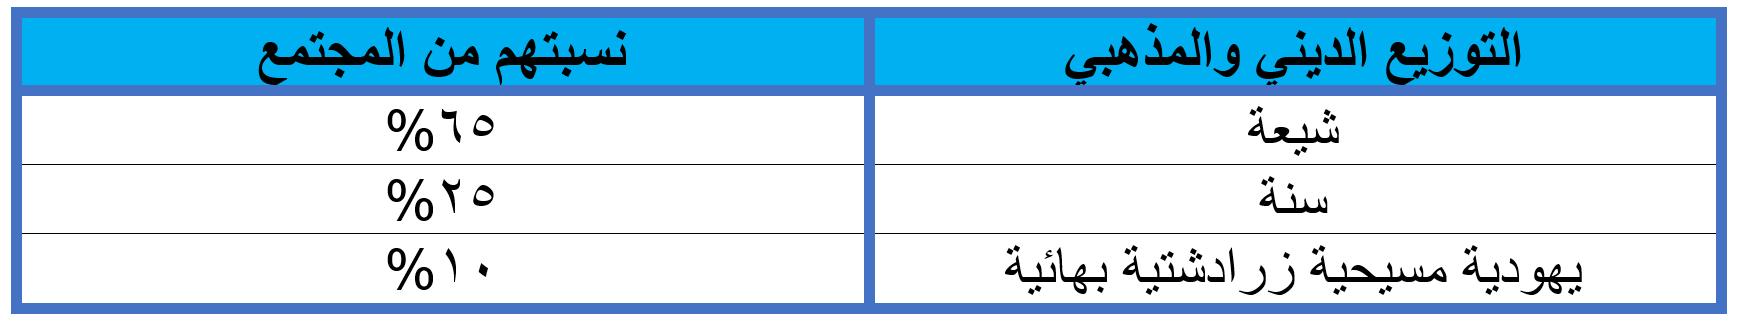 الديانات في إيران